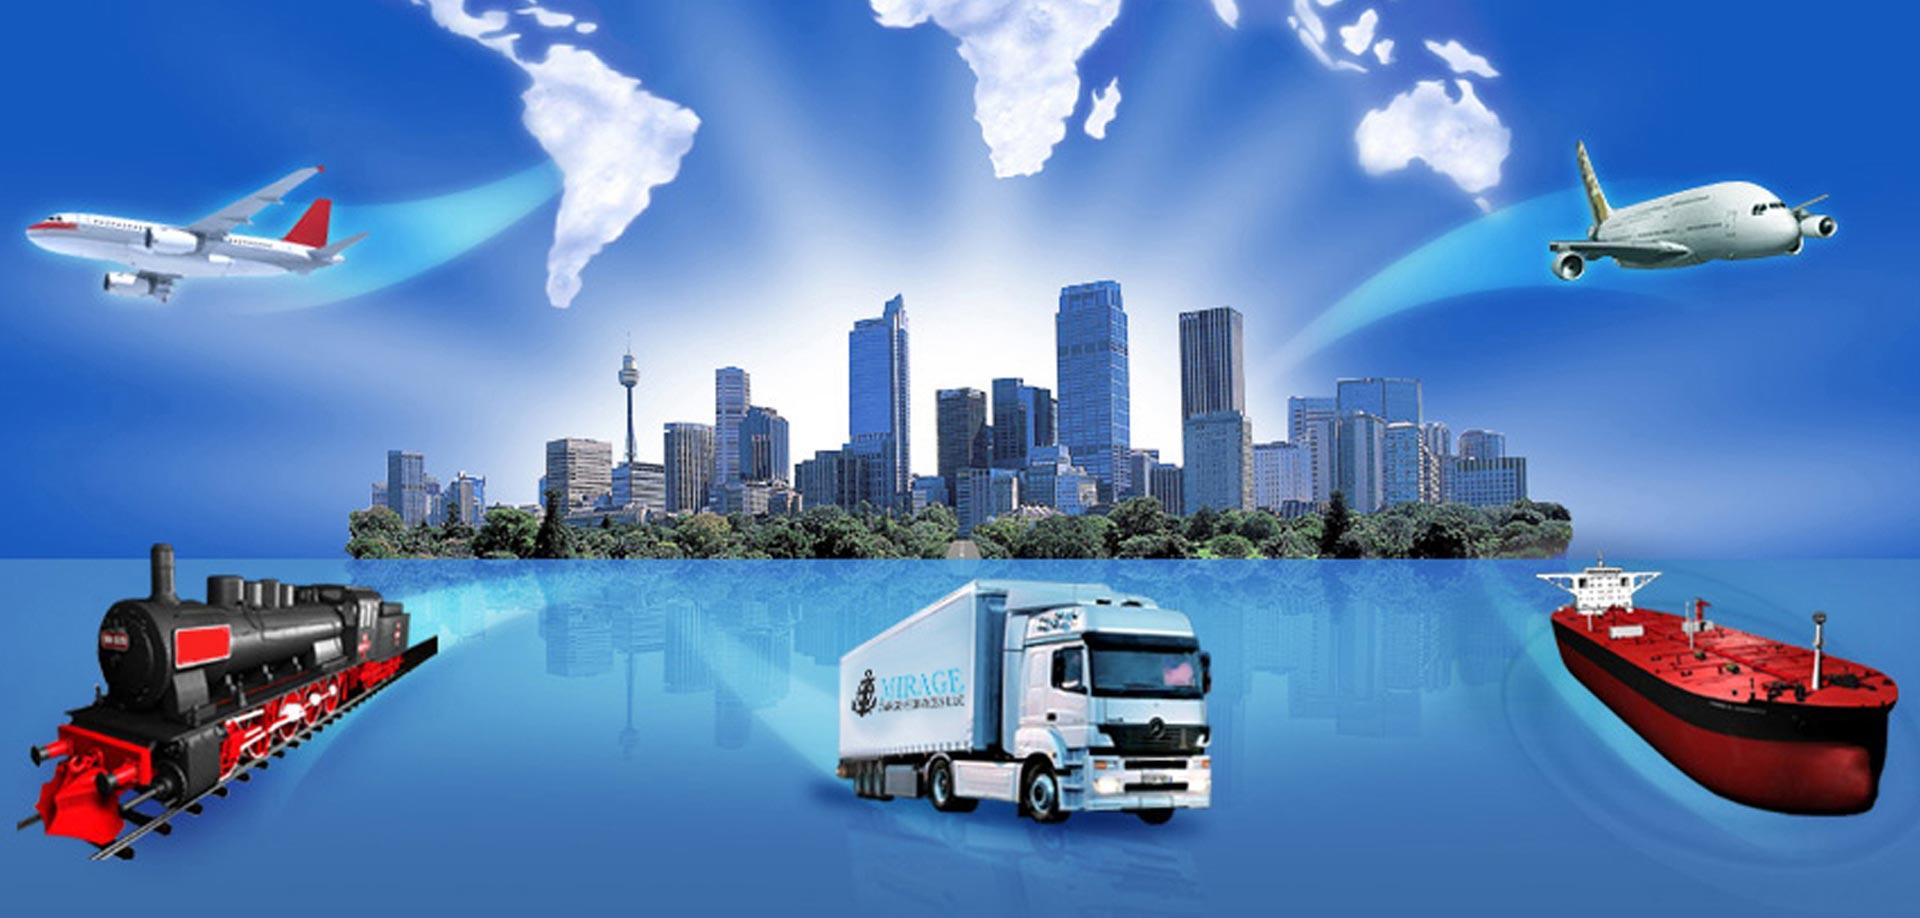 Mirage Cargo Services Llc